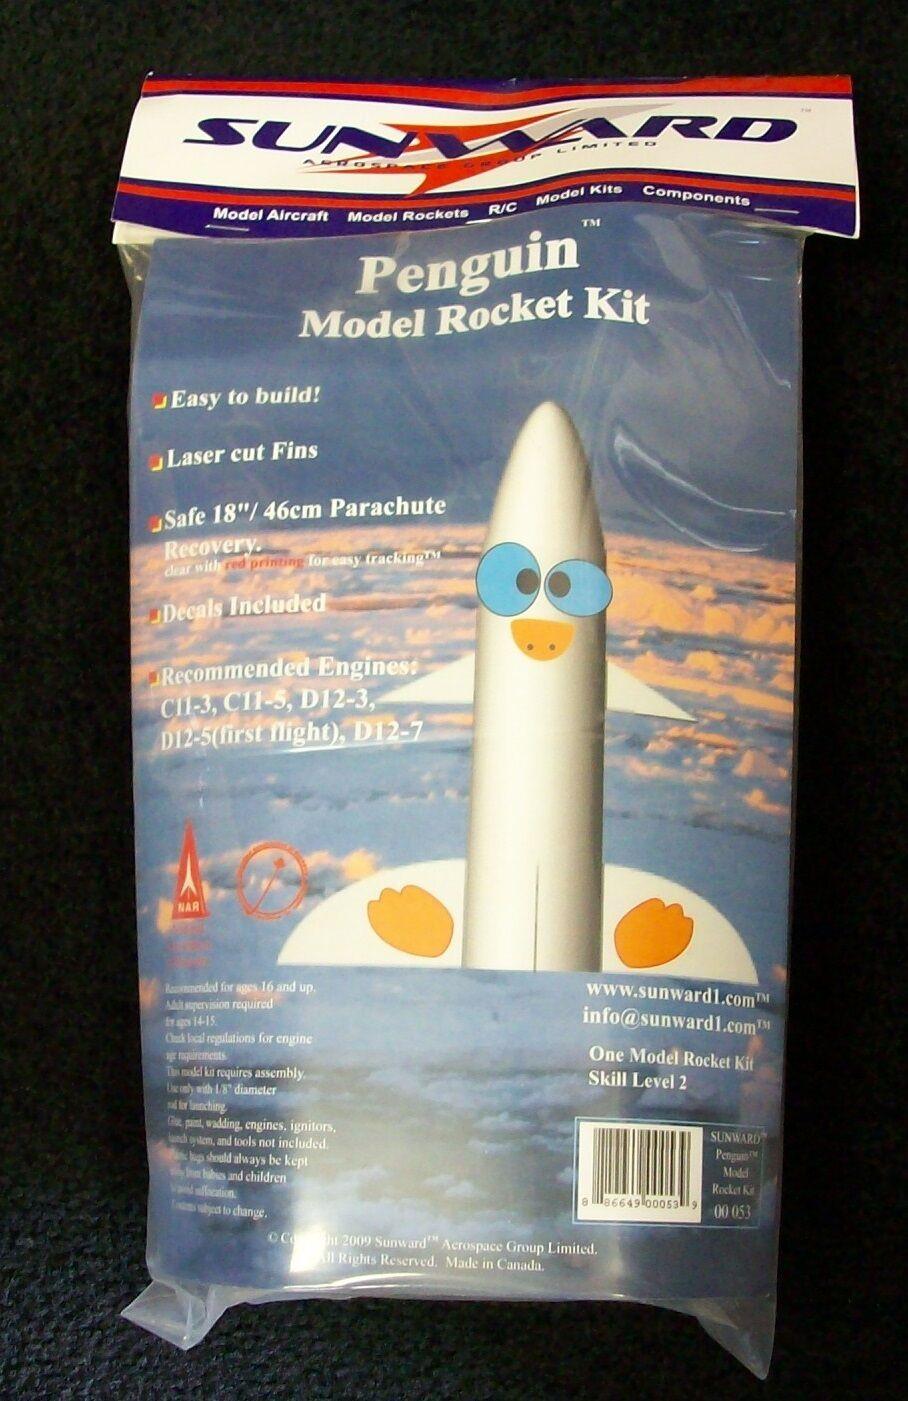 Details about Penguin Model Rocket Kit By Sunward - NEW